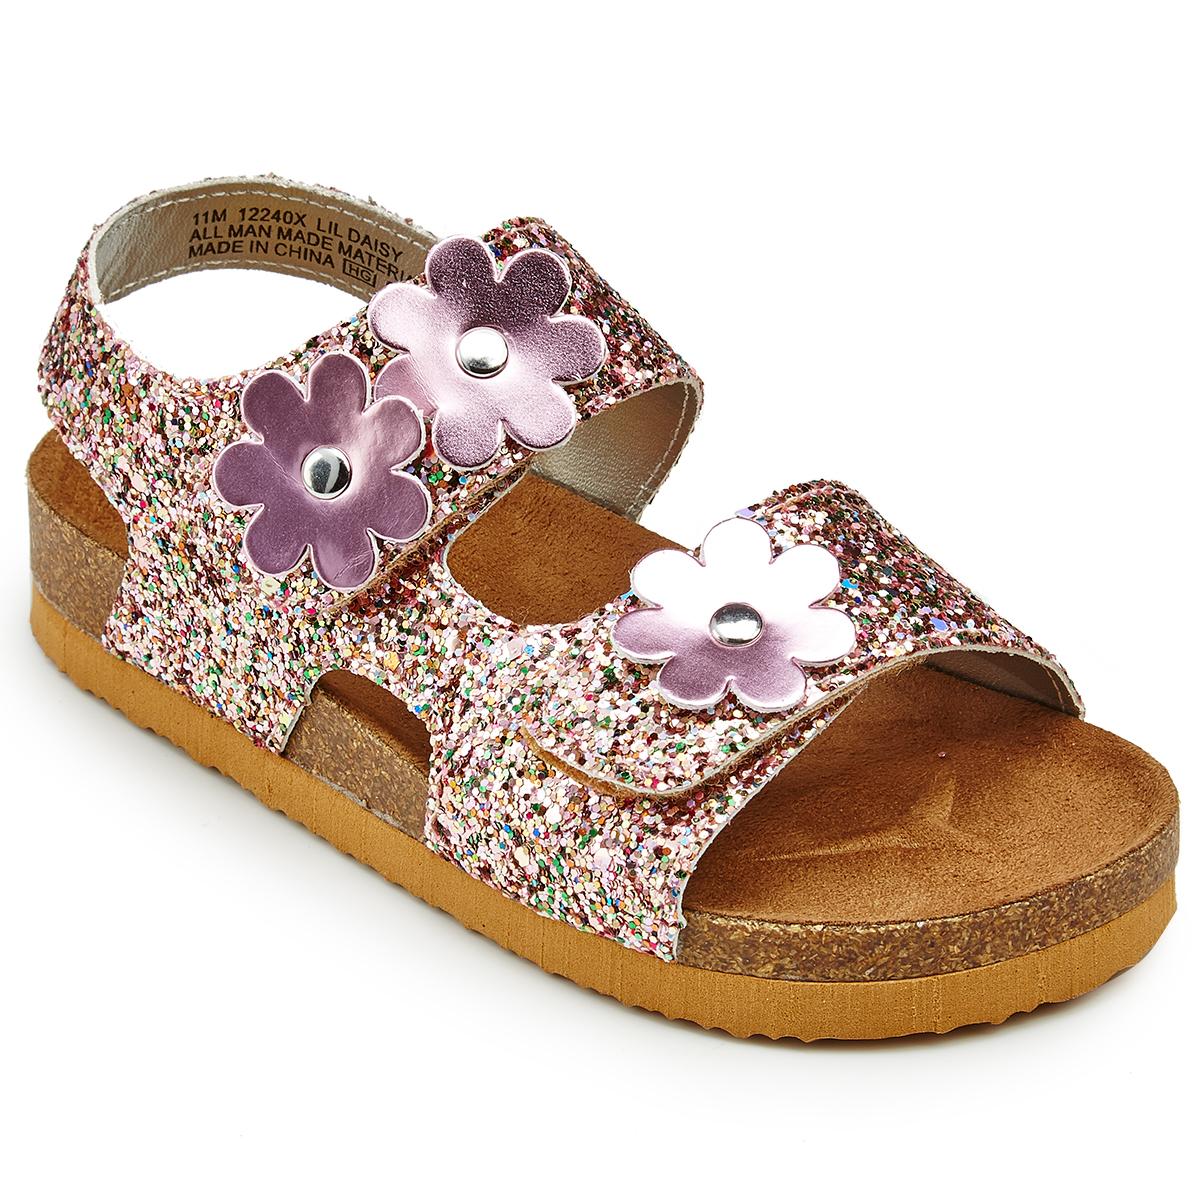 Rachel Shoes Toddler Girls' Daisy Glitter Sandals - Various Patterns, 9